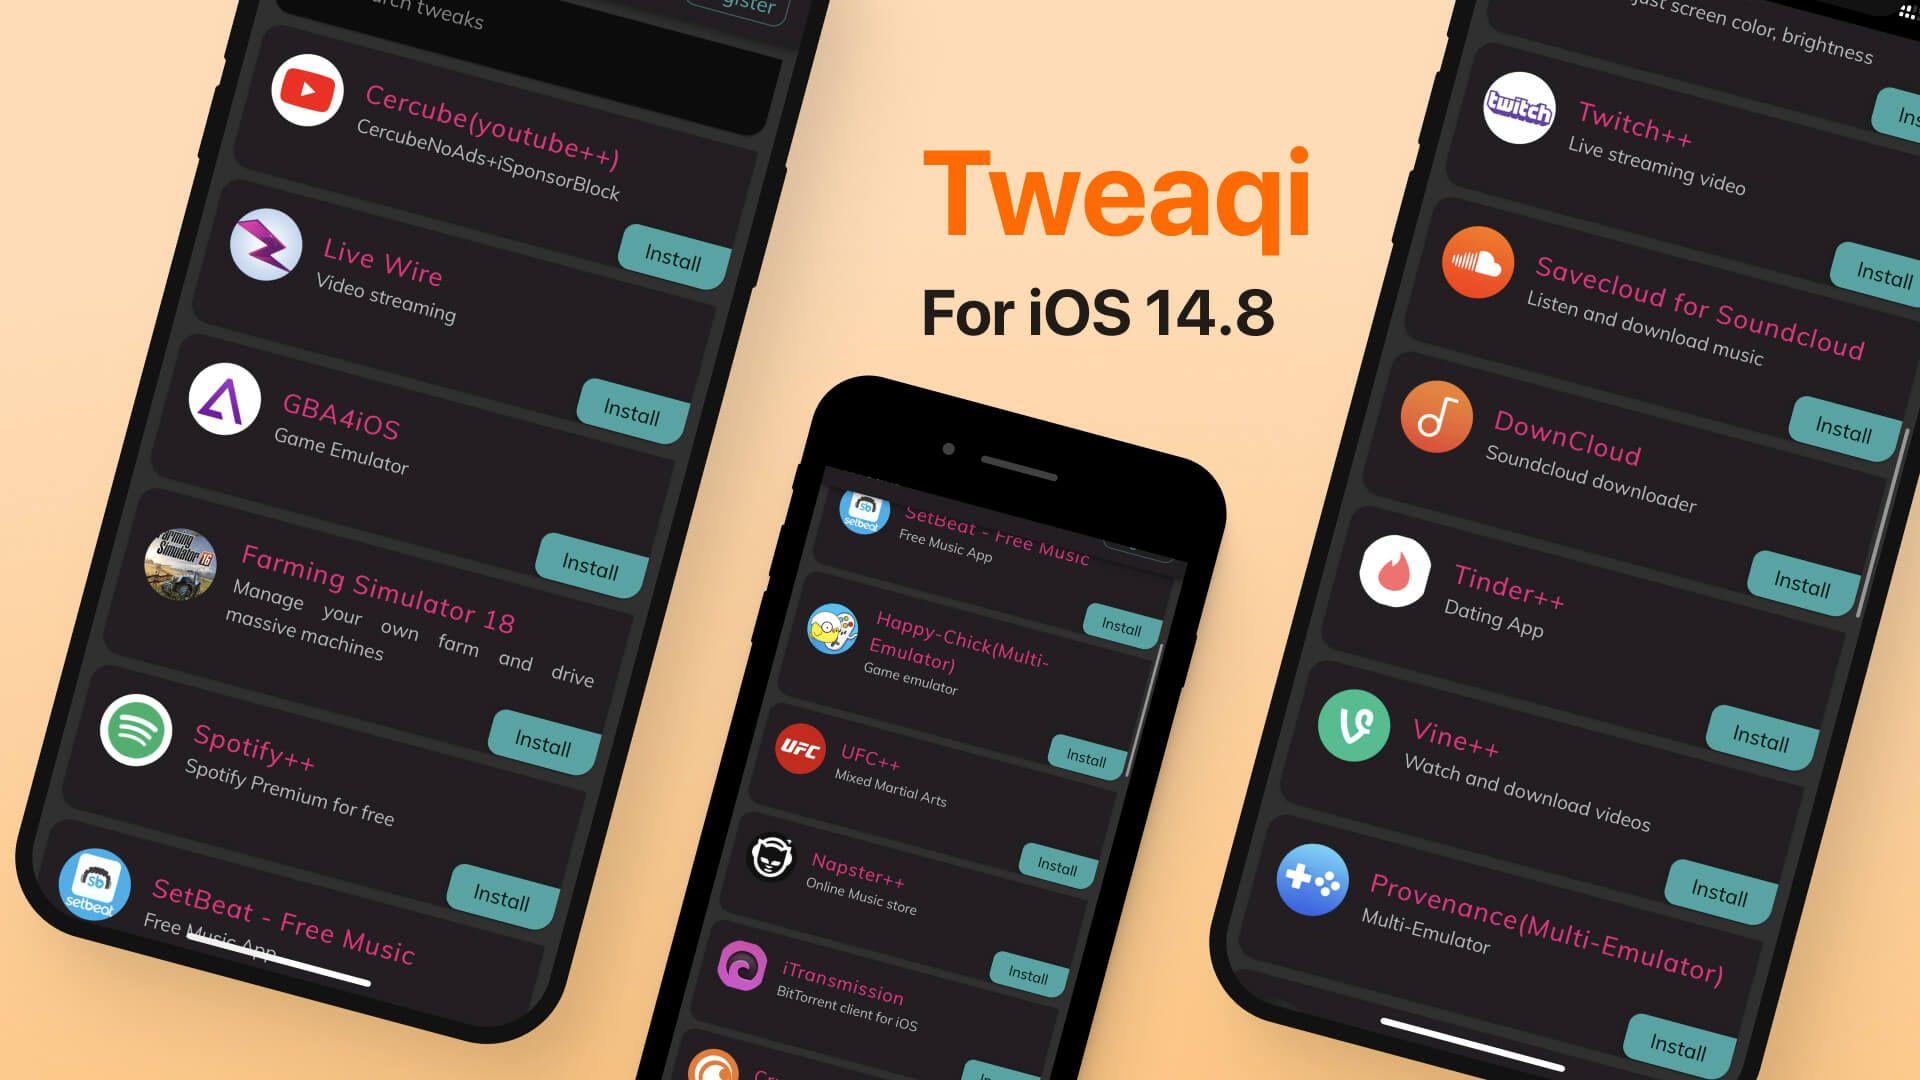 Tweakqi - Jailbreak Apps, Tweaked Apps for iOS 14.8